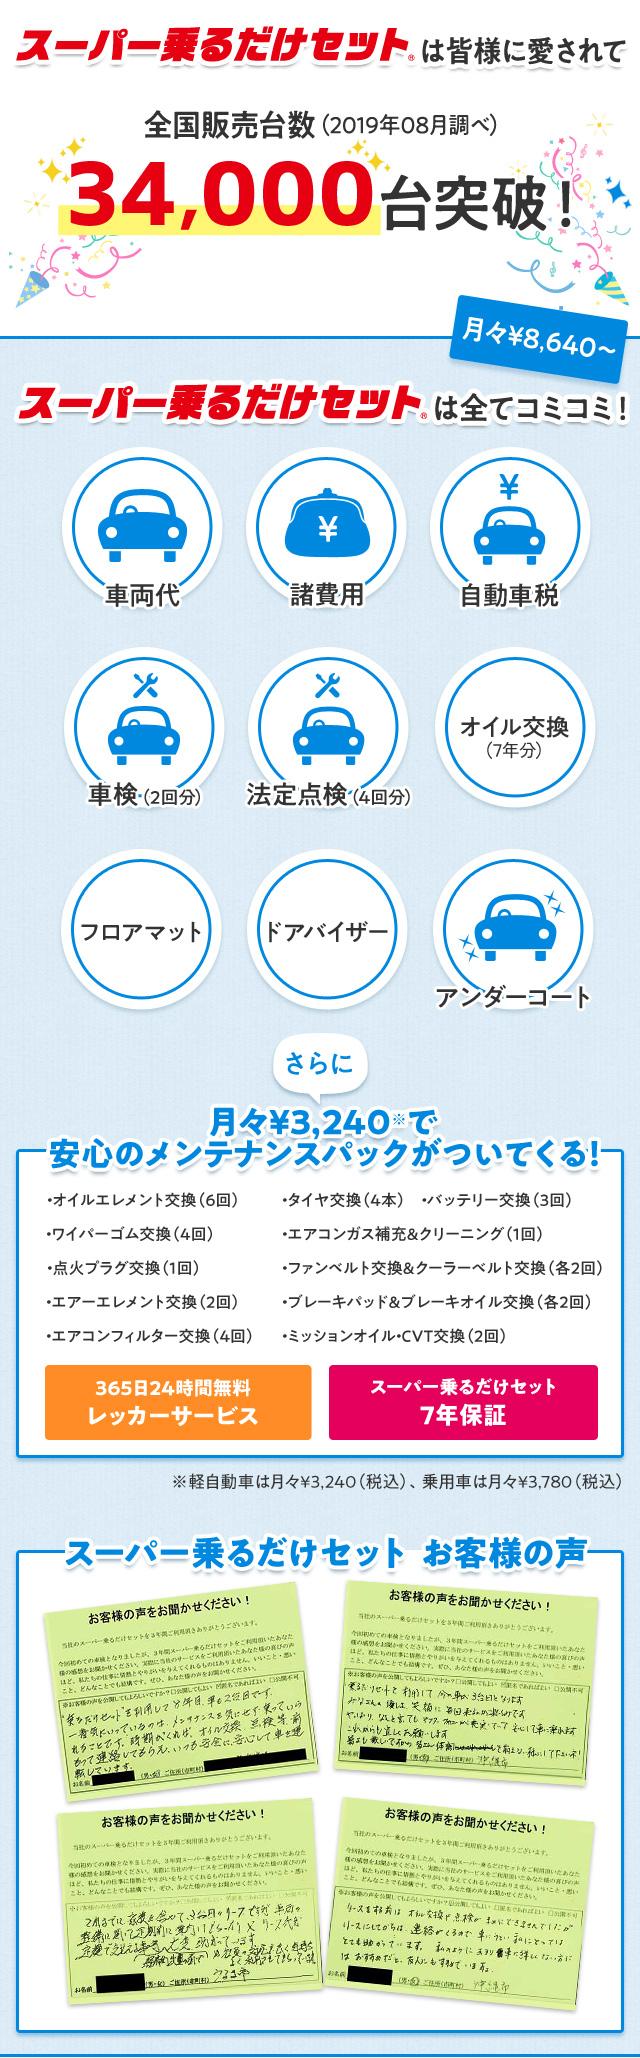 スーパー乗るだけセットは皆様に愛されて全国販売台数34,000台を突破!新車が月額8640円から乗れます!